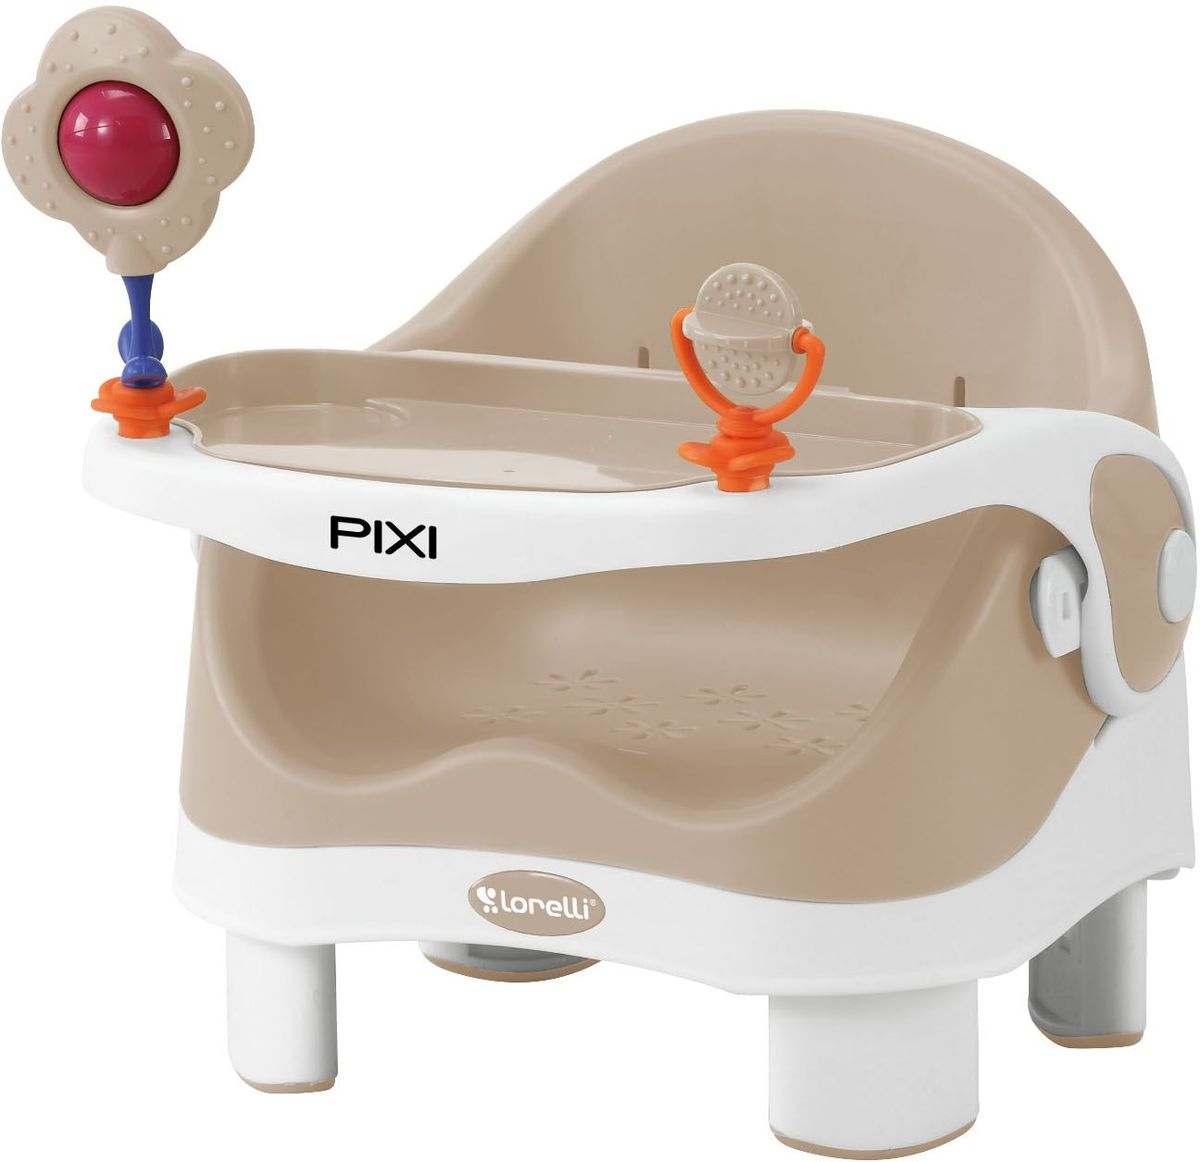 Lorelli Стульчик для кормления Pixi бежевый белый 10100282 - Все для детского кормления